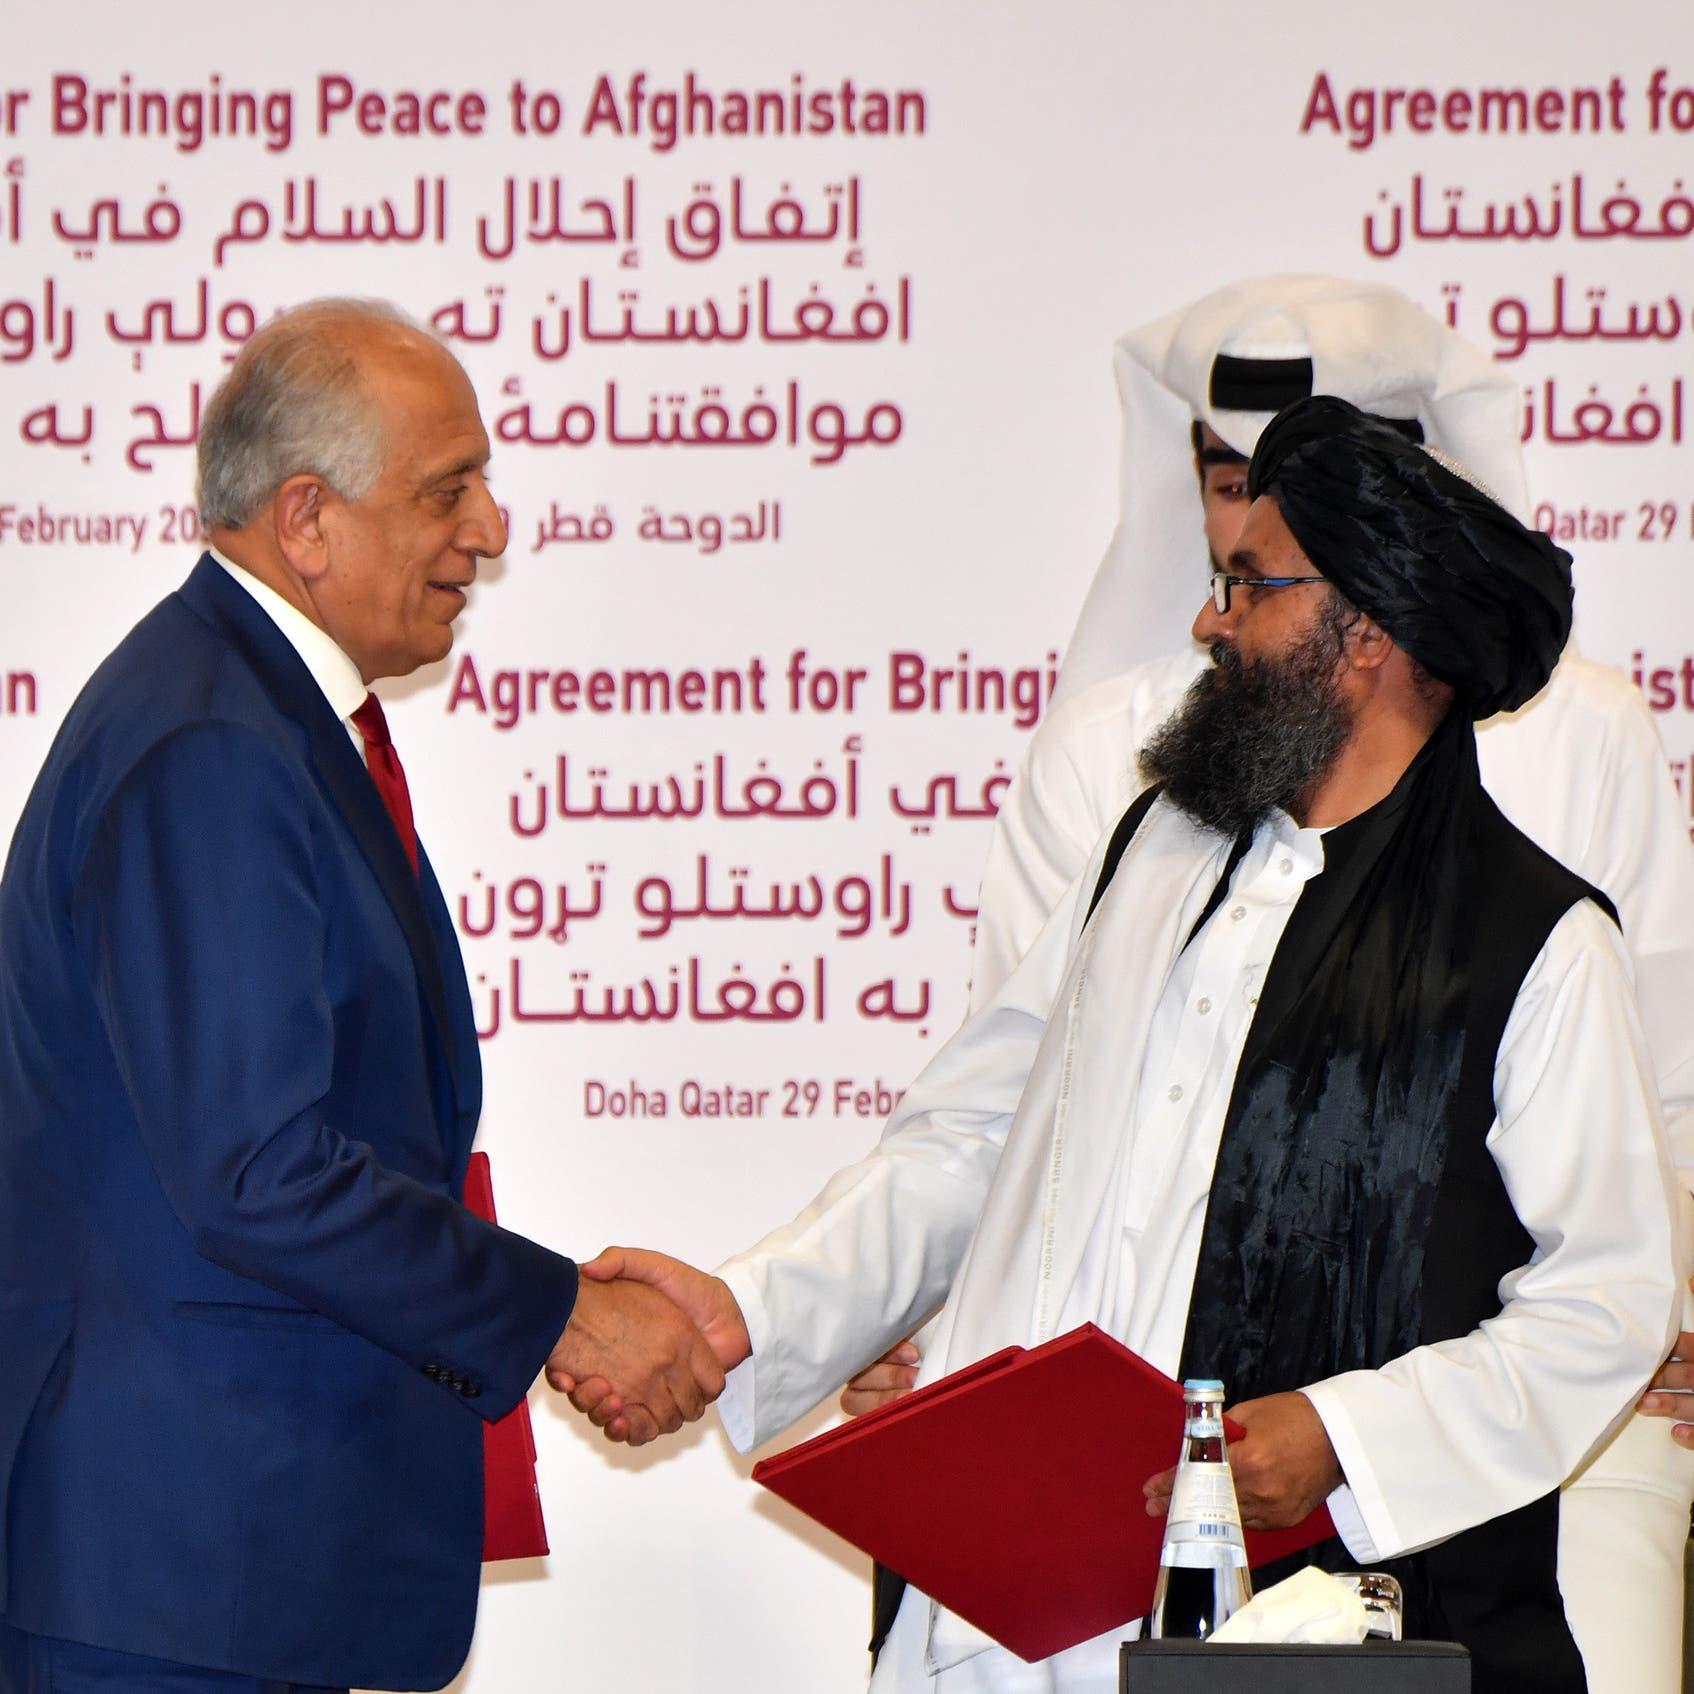 تقرير: هجمات طالبان تضاعفت منذ توقيع الاتفاق مع واشنطن